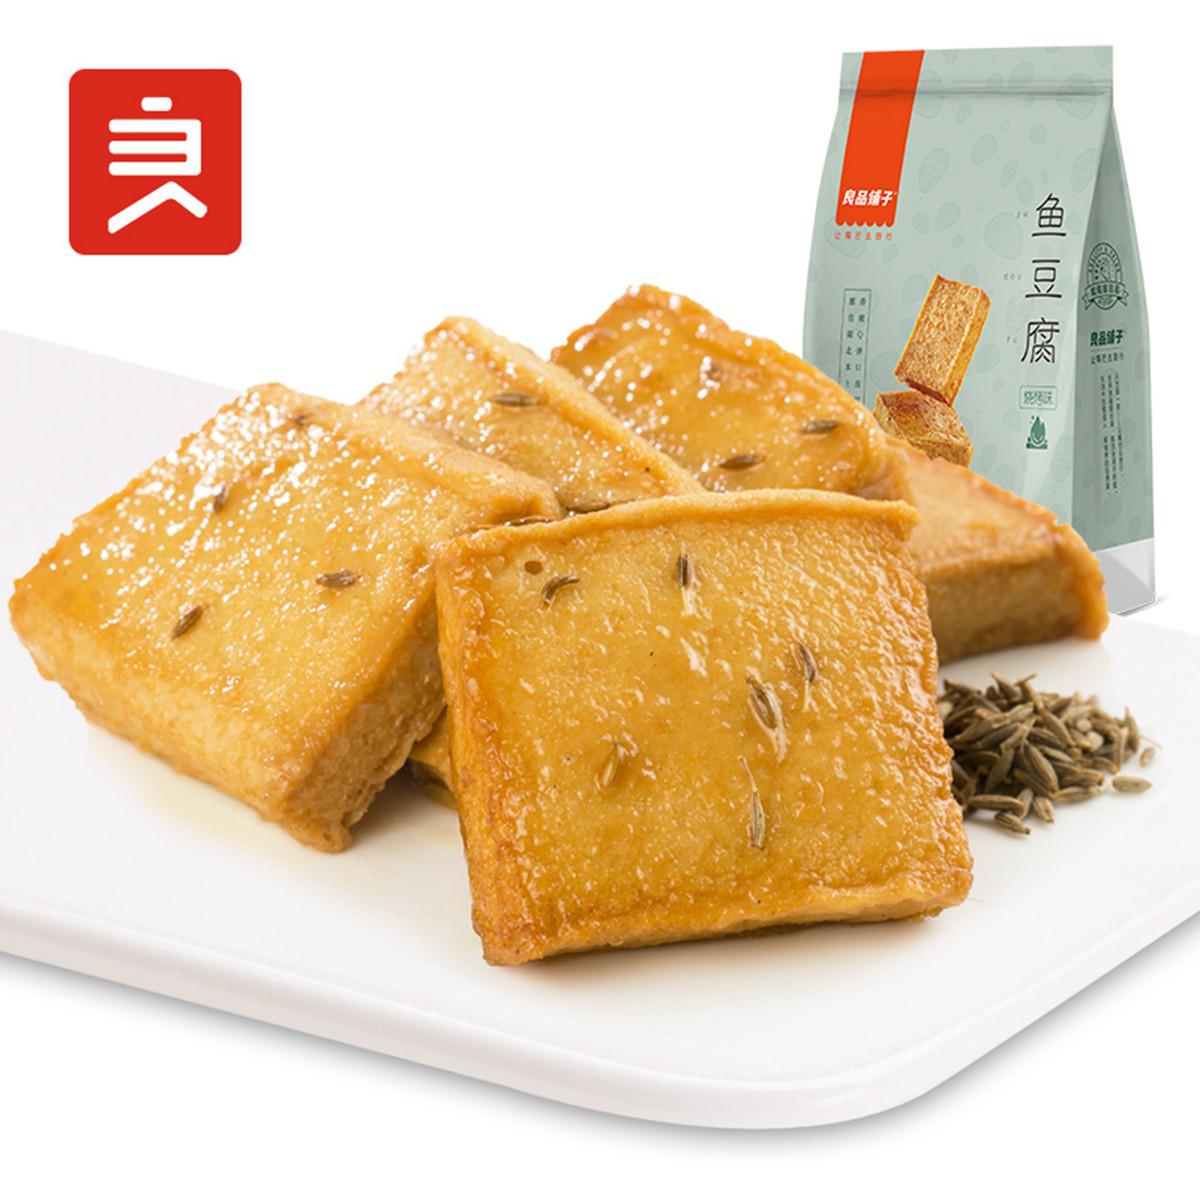 良品铺子良品铺子 鱼豆腐170g香辣豆干麻辣休闲零食小吃食品COLOR鱼豆腐